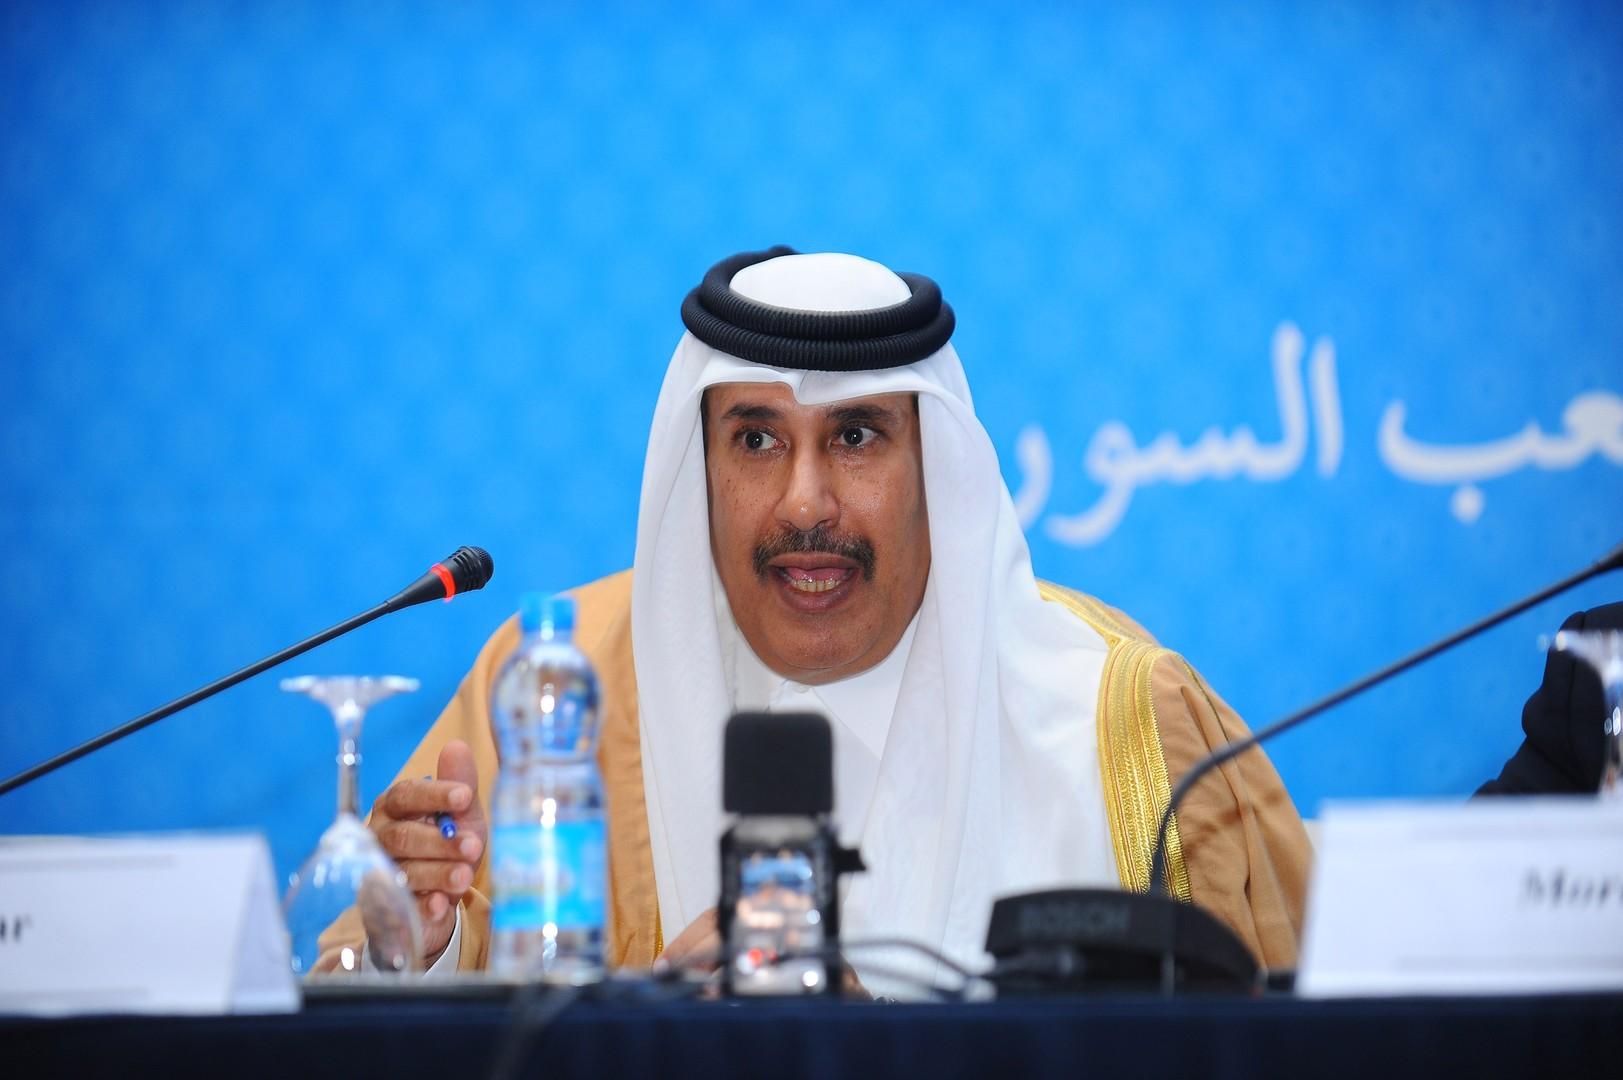 حمد بن جاسم: لدى محمد بن سلمان فرصة كبيرة لتغيير السعودية وهذه نصيحتي له